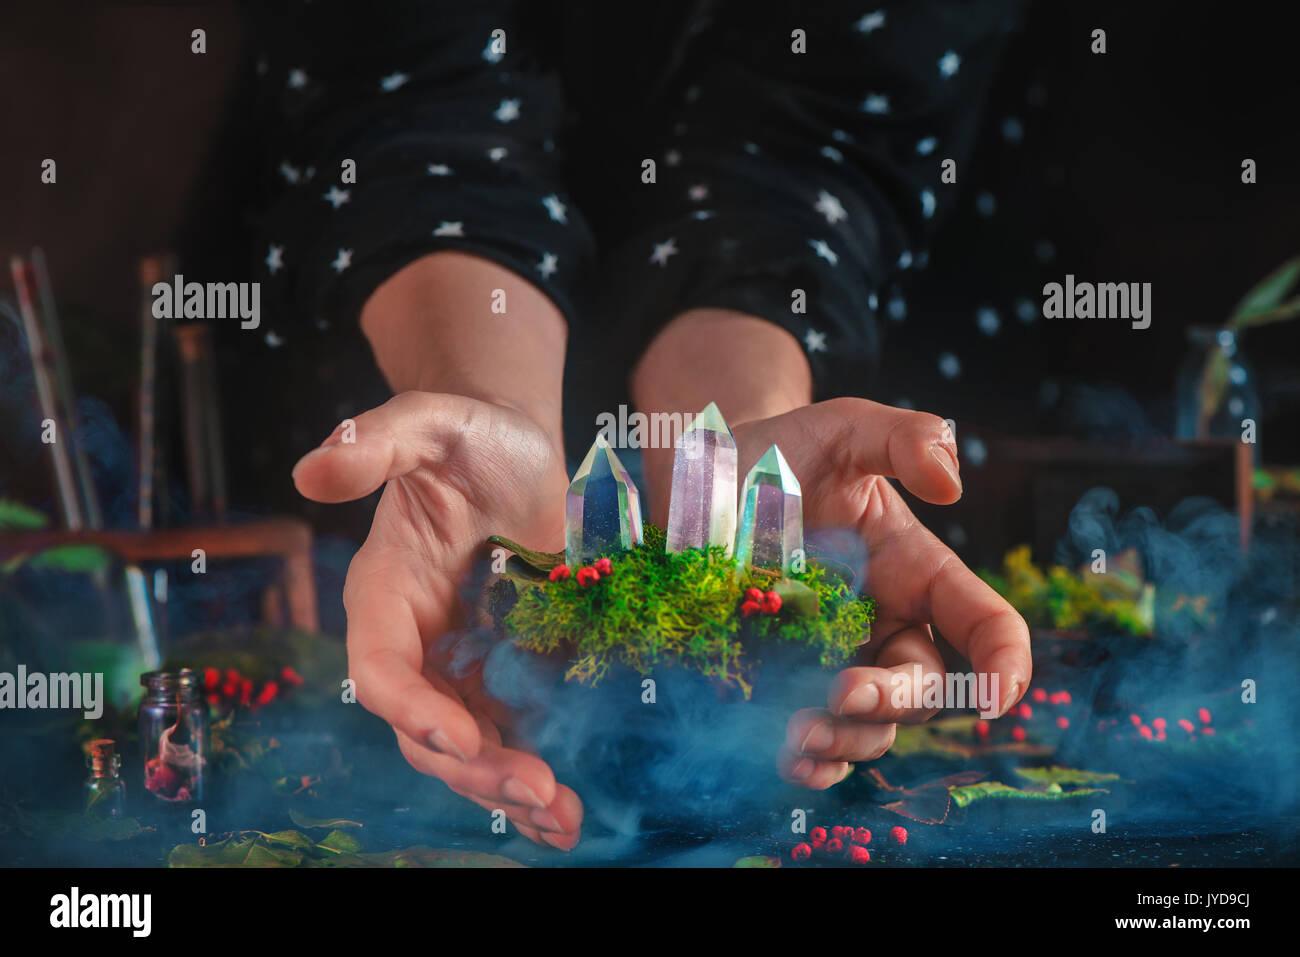 Joven bruja sosteniendo un césped flotante con moss y cristales. escena mística con humo y suministros mágicos. estrella fundas de ropa de bruja. Imagen De Stock